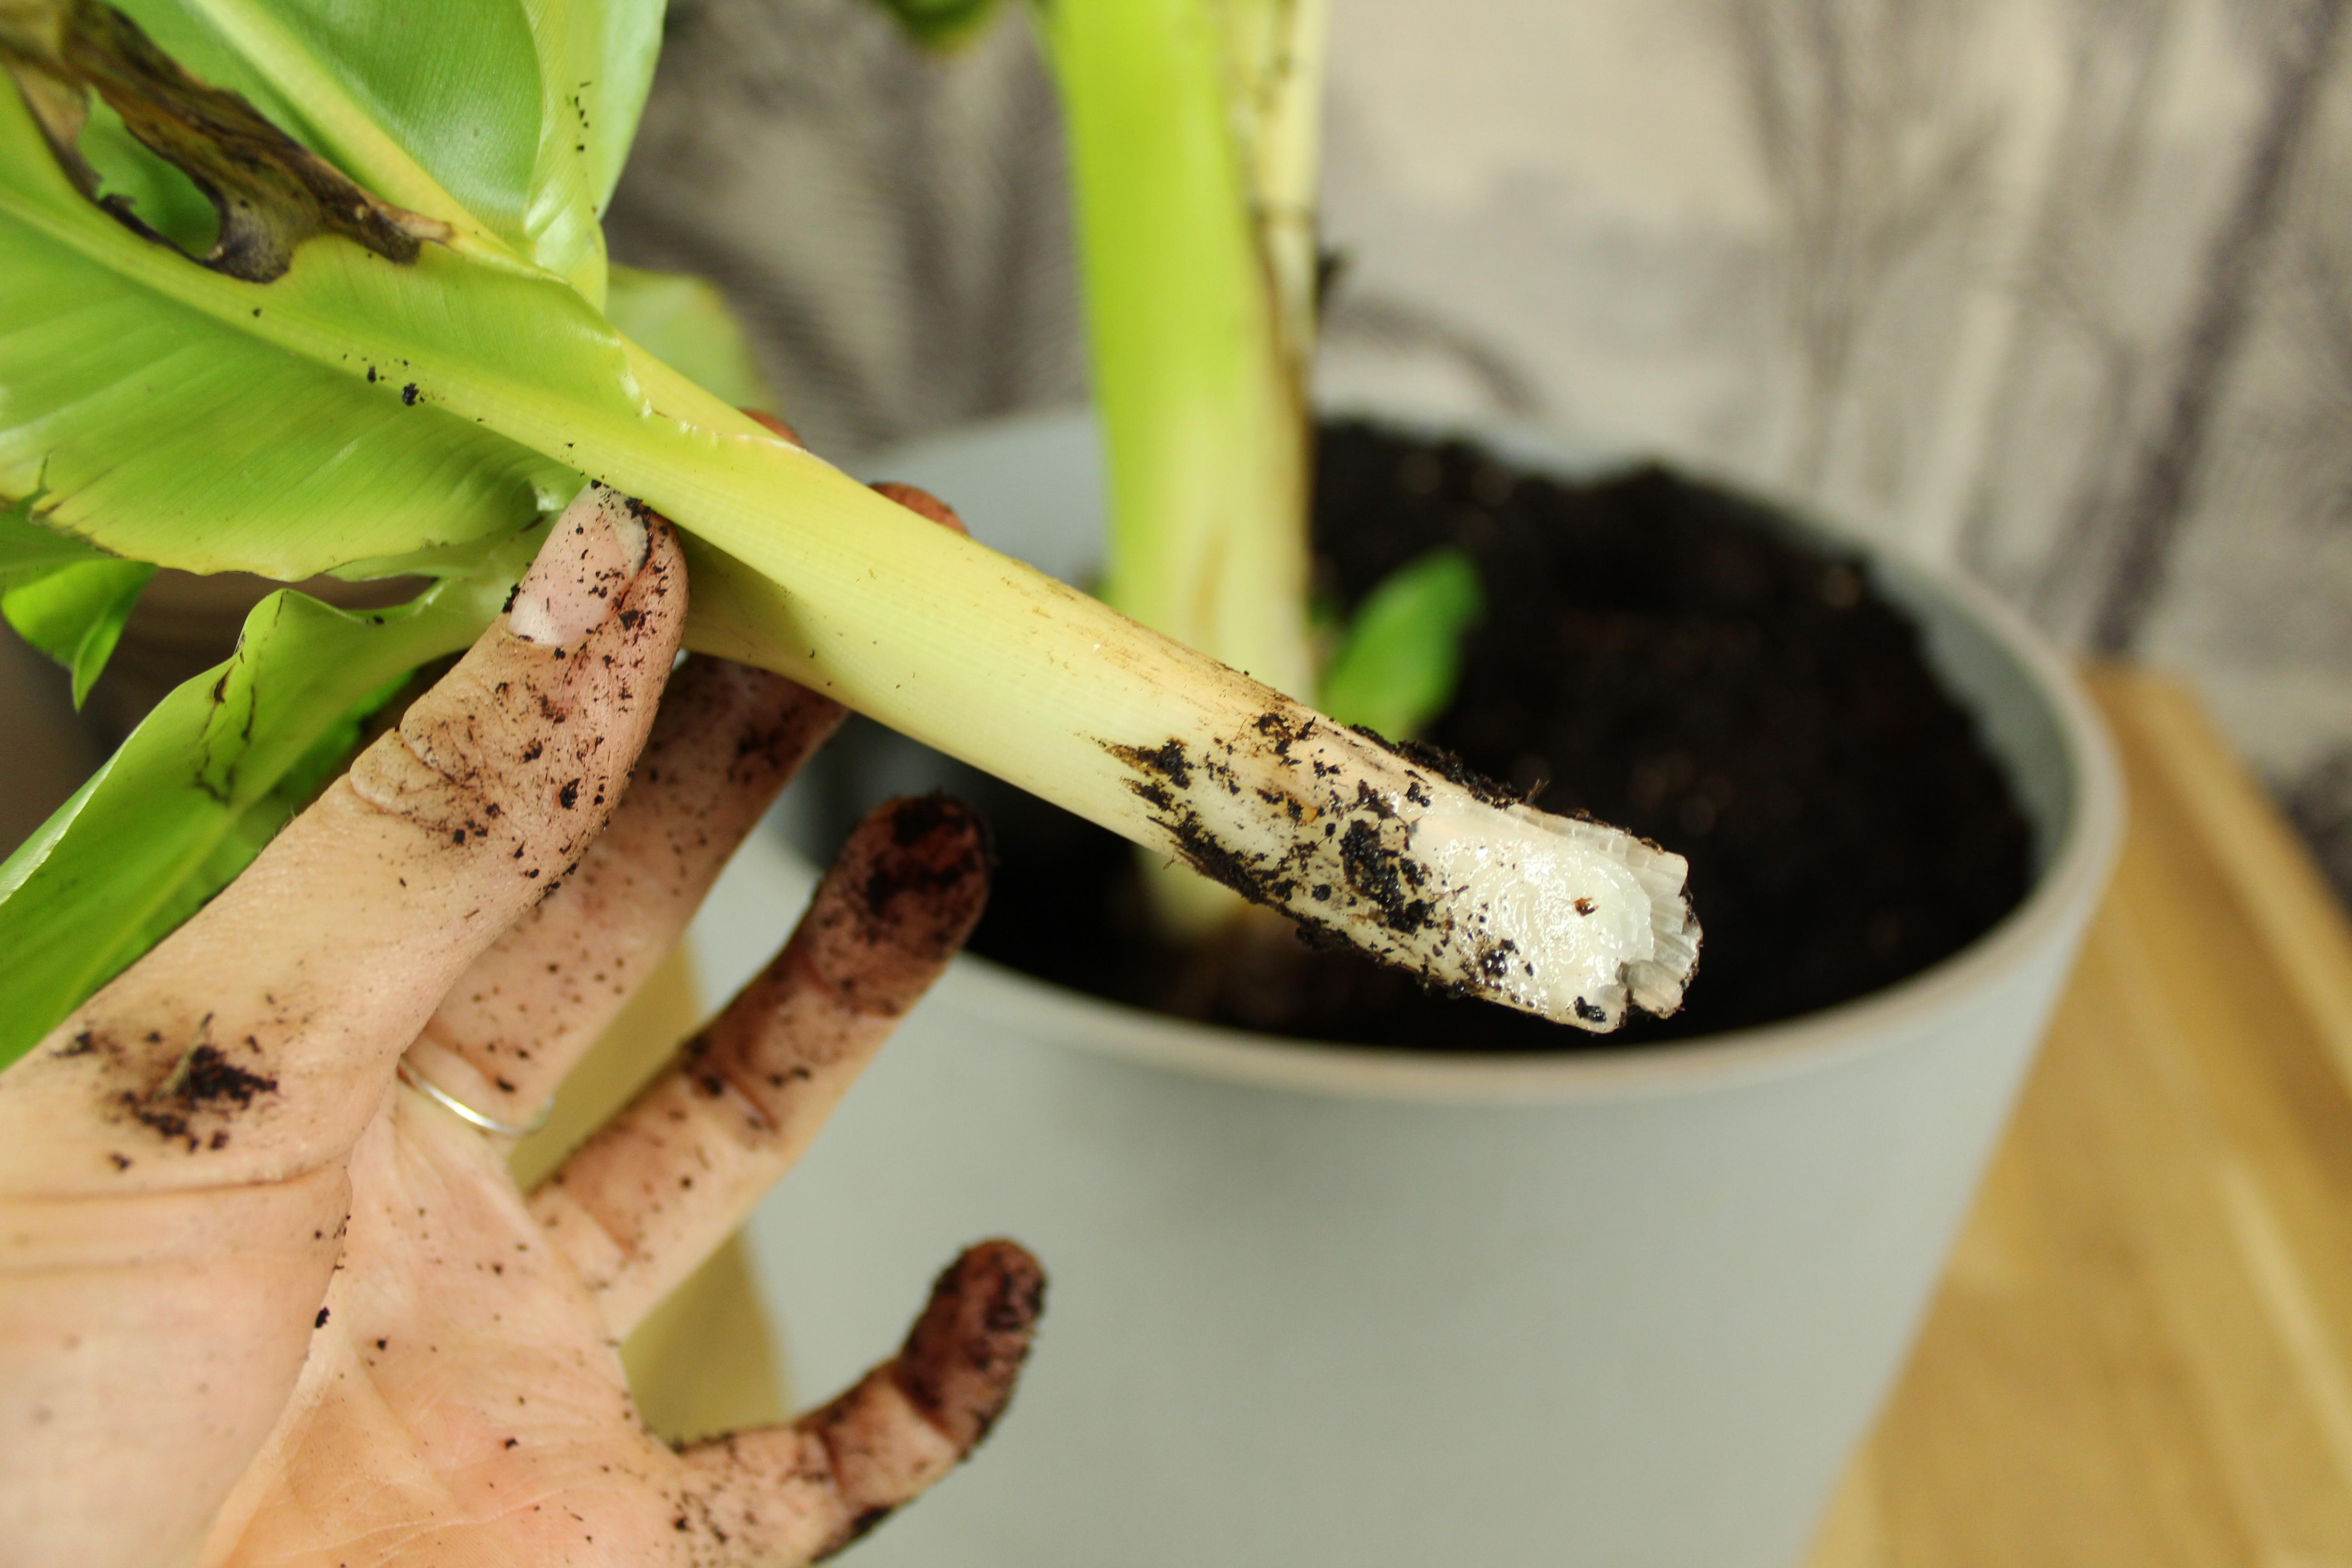 Stekje bananenplant